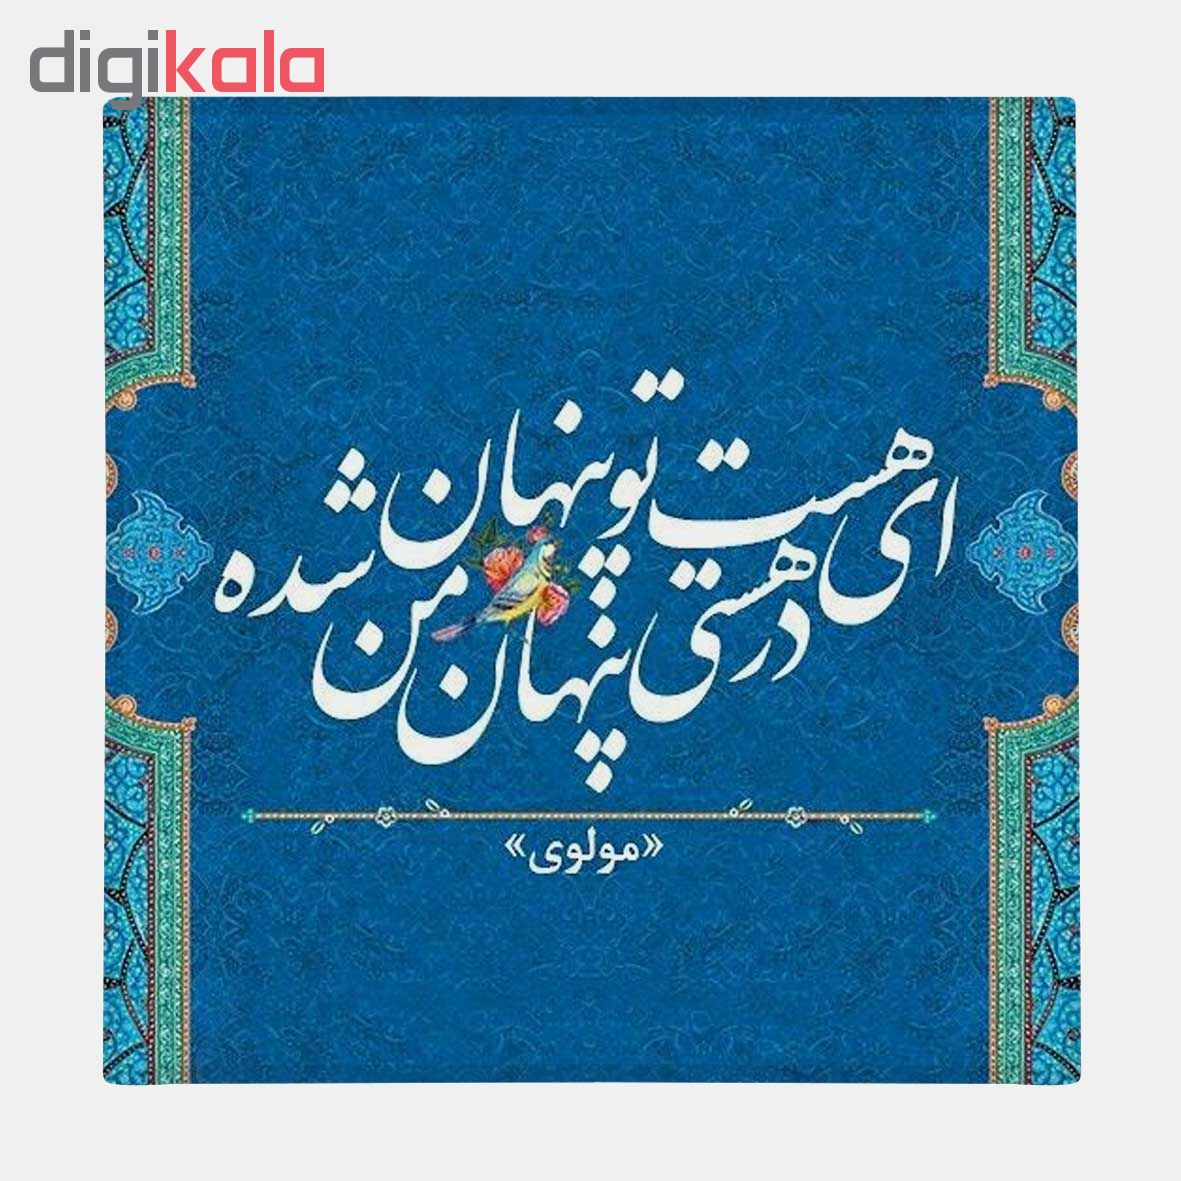 خرید                      کاشی طرح شعر مولانا کد kash024